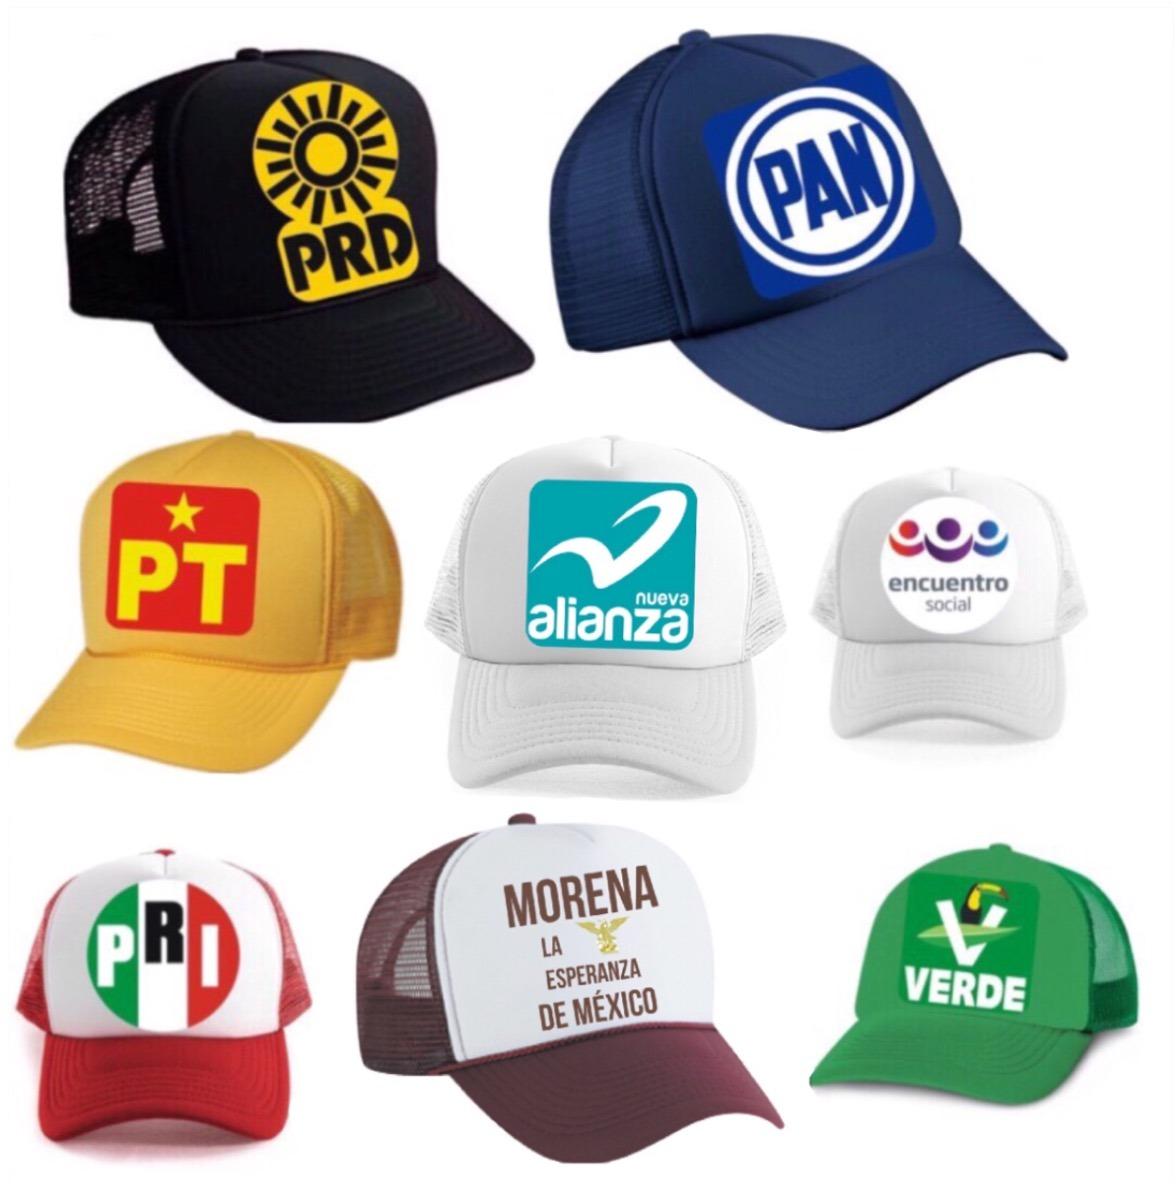 Playeras Y Gorras Para Campañas Politicas -   20.00 en Mercado Libre 6a72f30aaba